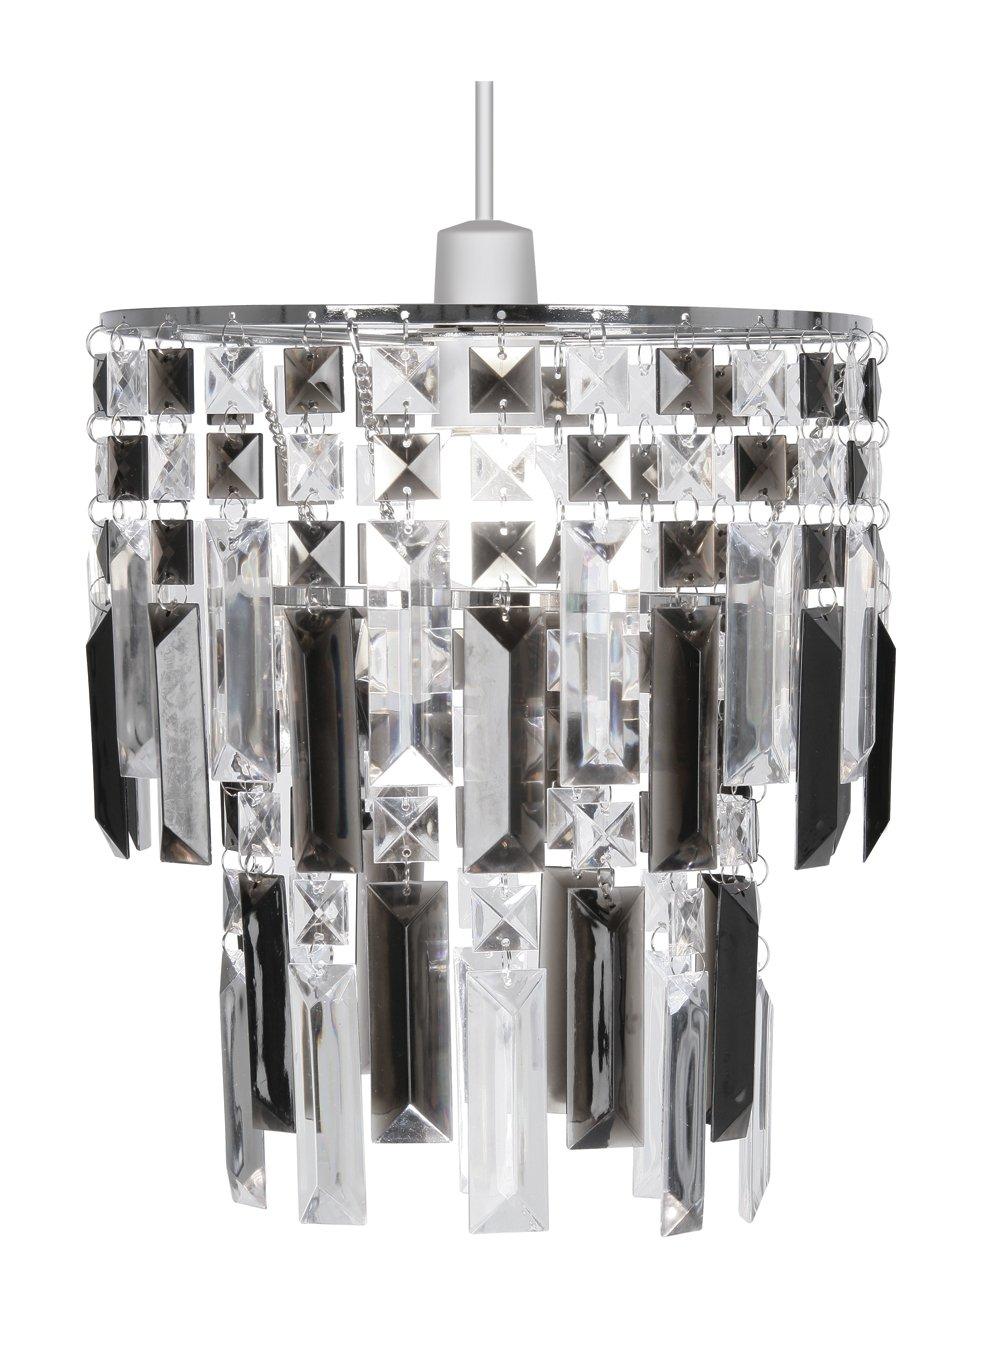 Oaks Lighting Maia - Lámpara de techo (estructura de cromo con láminas de acrílico), color gris y transparente 2801 SM